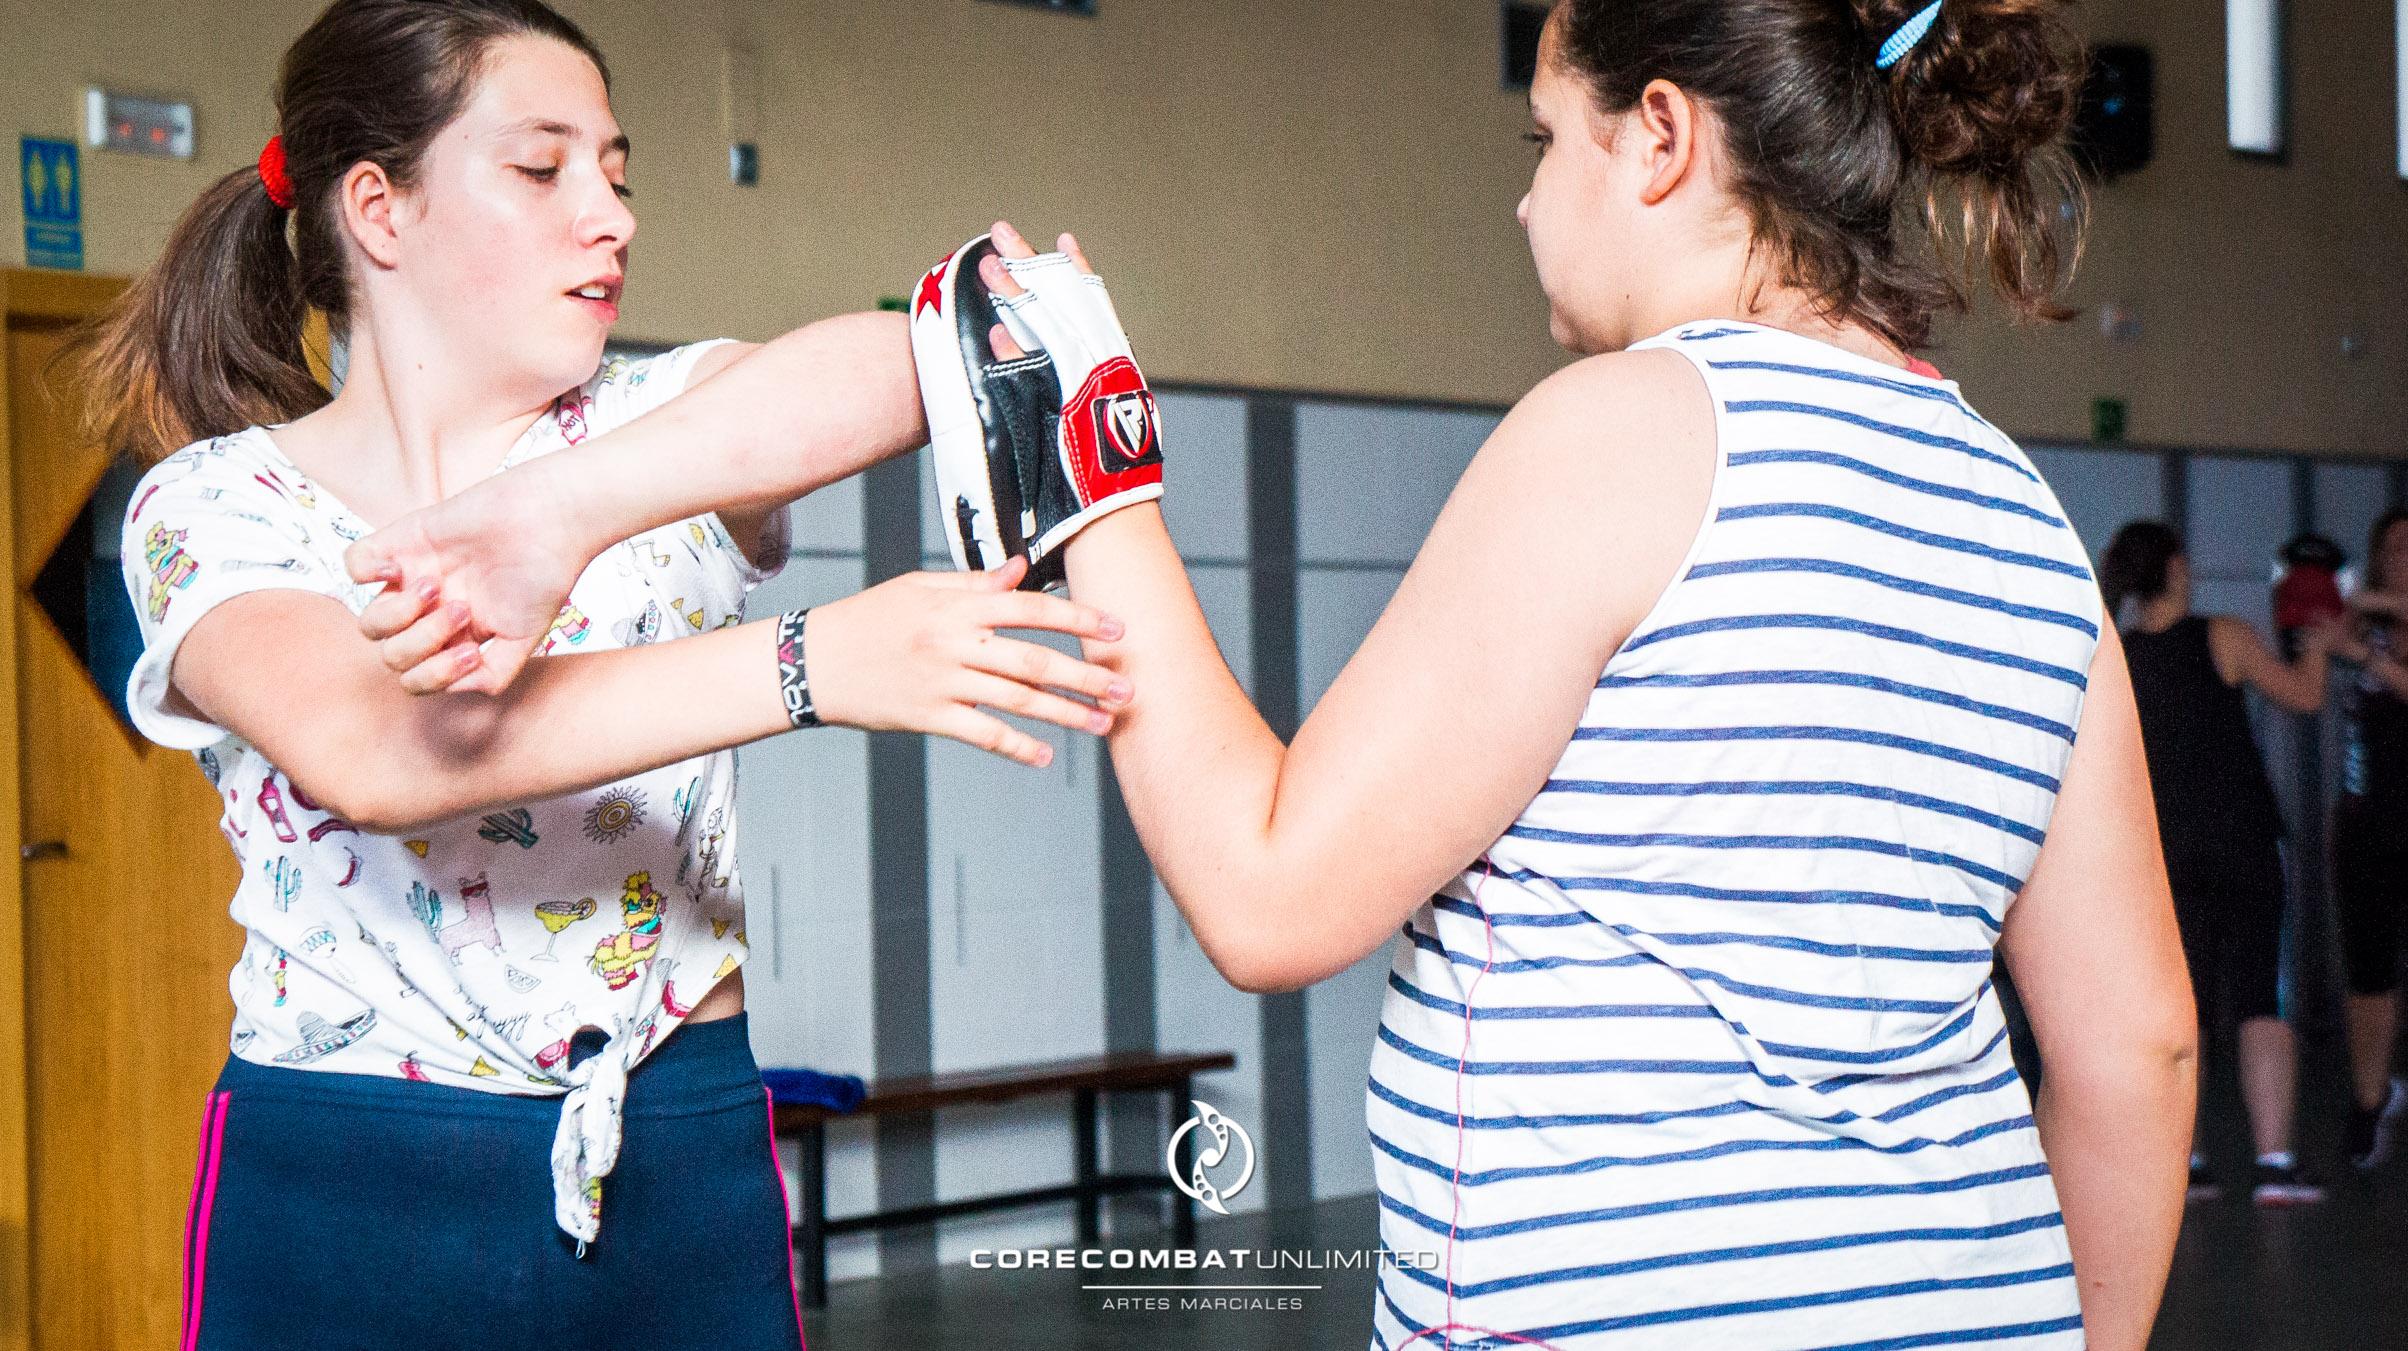 curso-defensa-personal-para-mujeres-zamora-coreses-artes-marciales-zamora-core-combat-salamanca-valladolid-leon-madrid-29